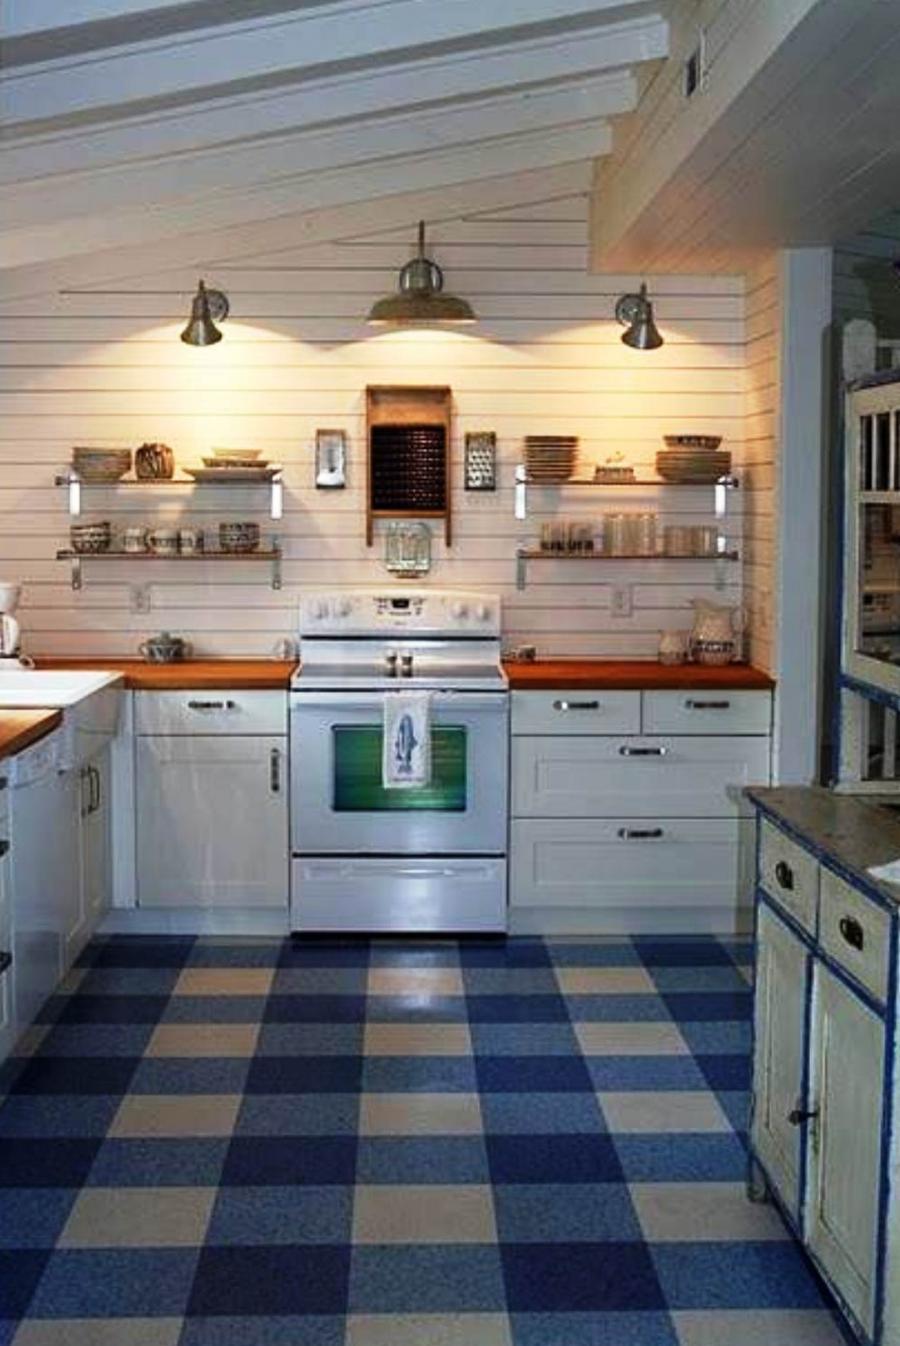 Linoleum kitchen flooring photos for Kitchen and bathroom lino